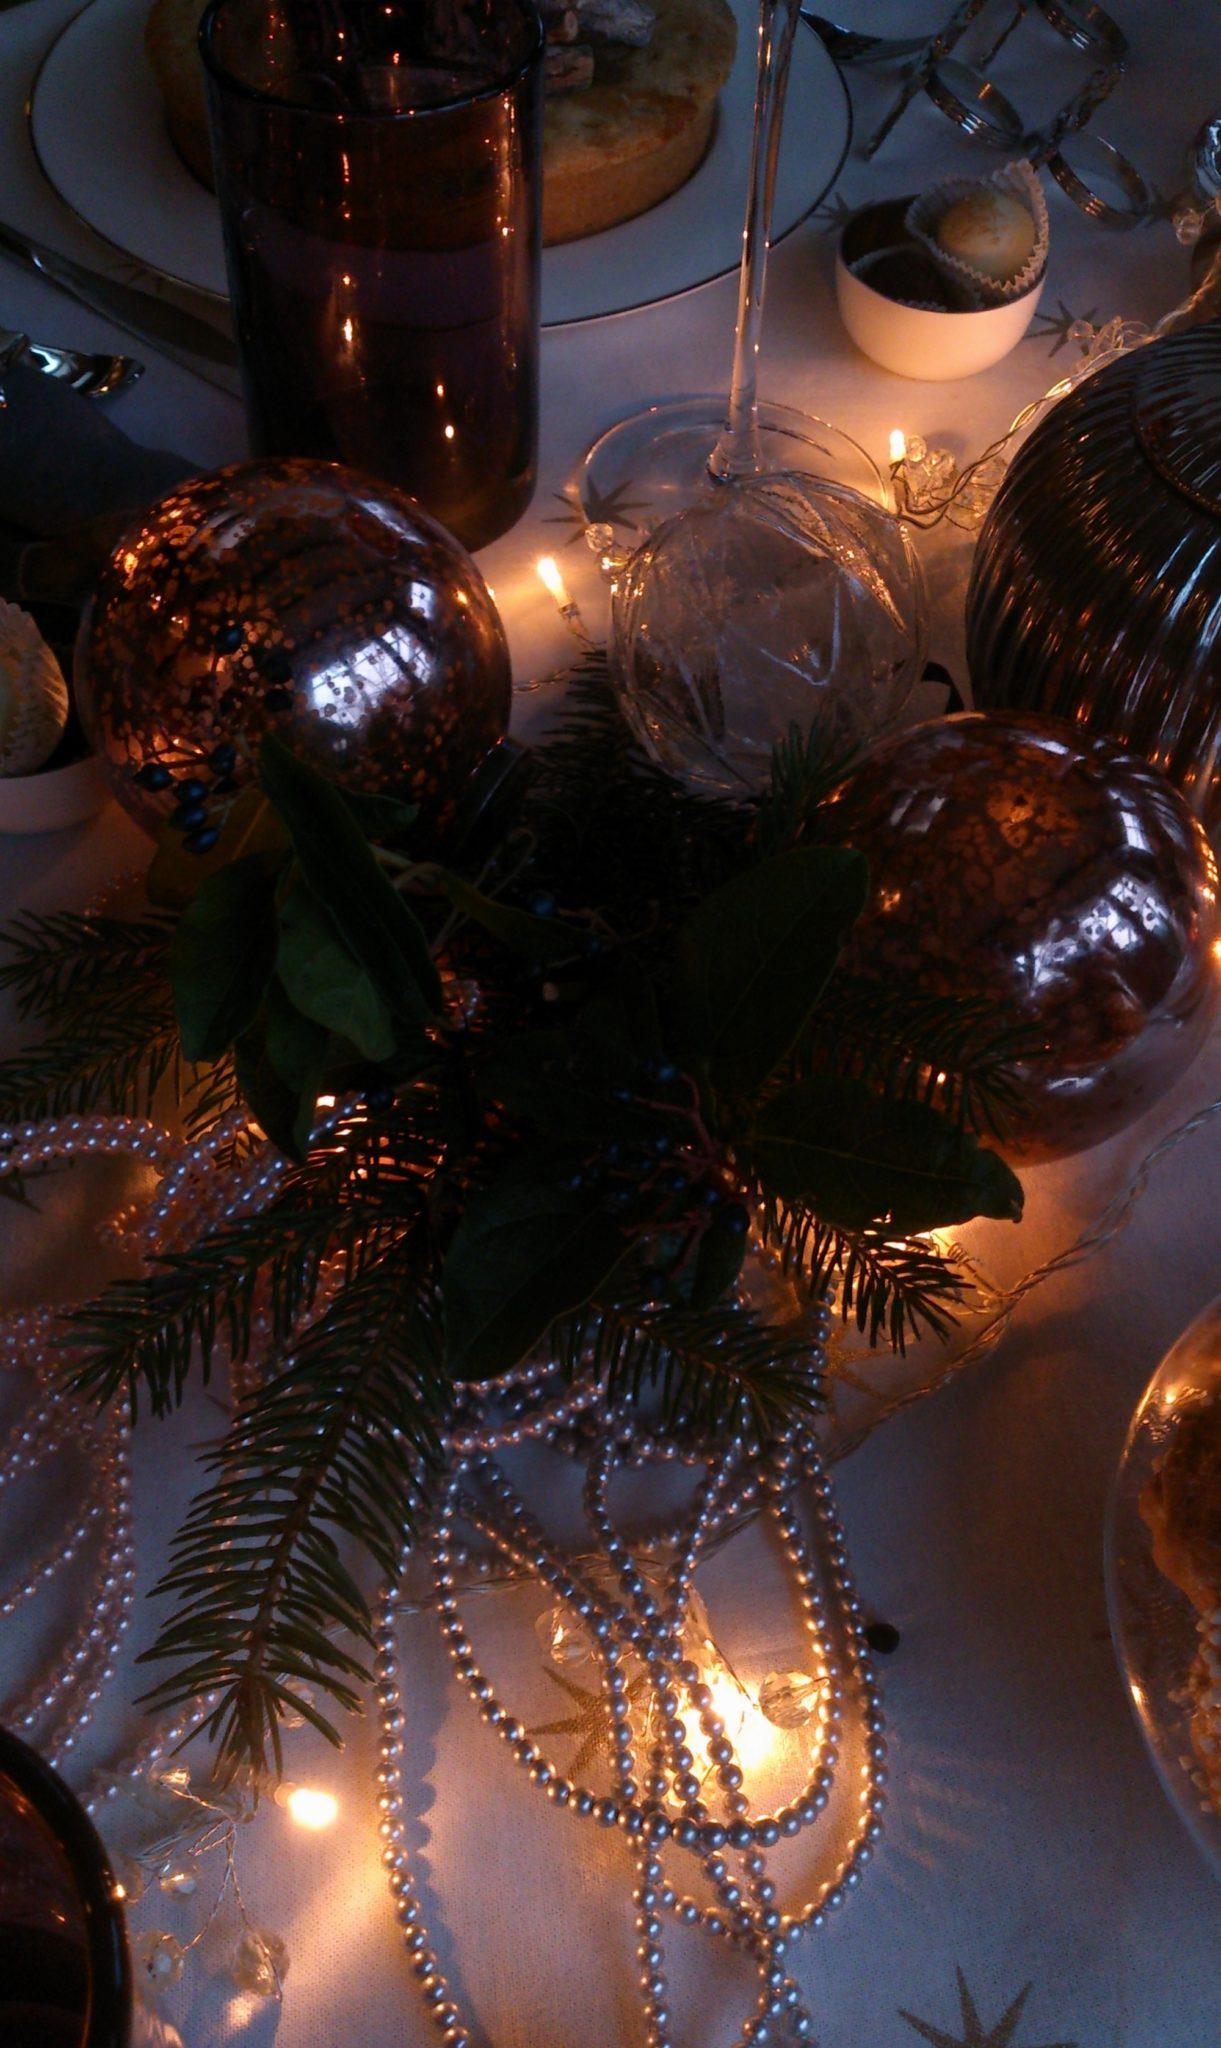 20 Staffagepl wigilijny stol pomysly na jadalnie swiateczne aranzacje chrstmas table settings ideas interior design winter flowers tableware